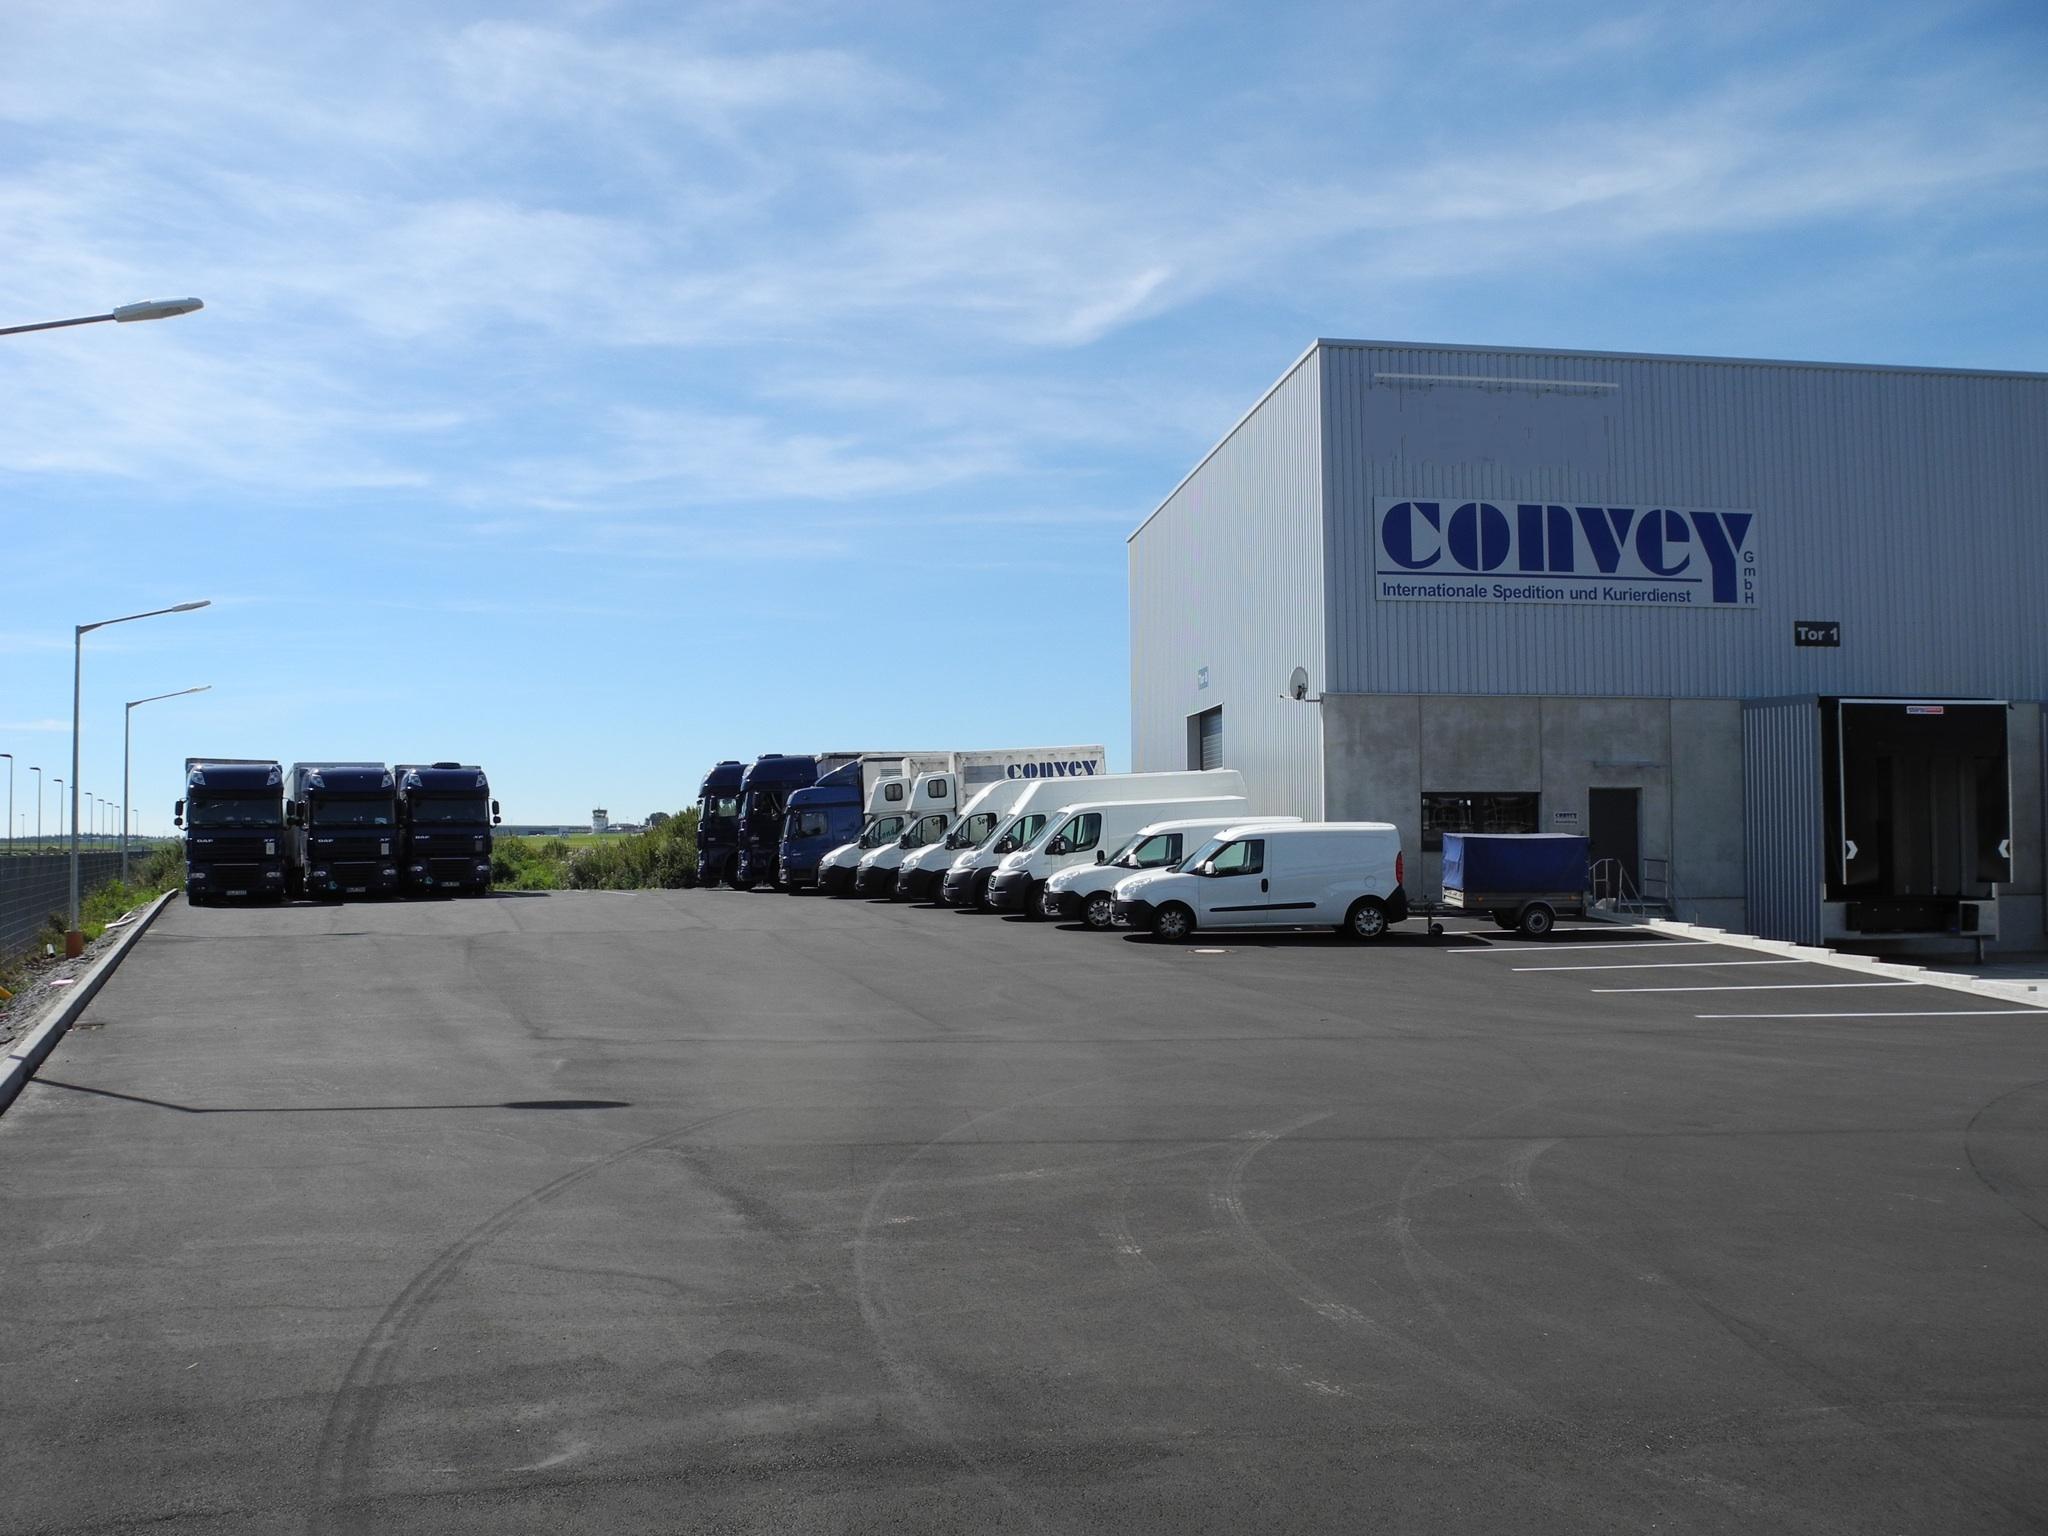 Convey GmbH